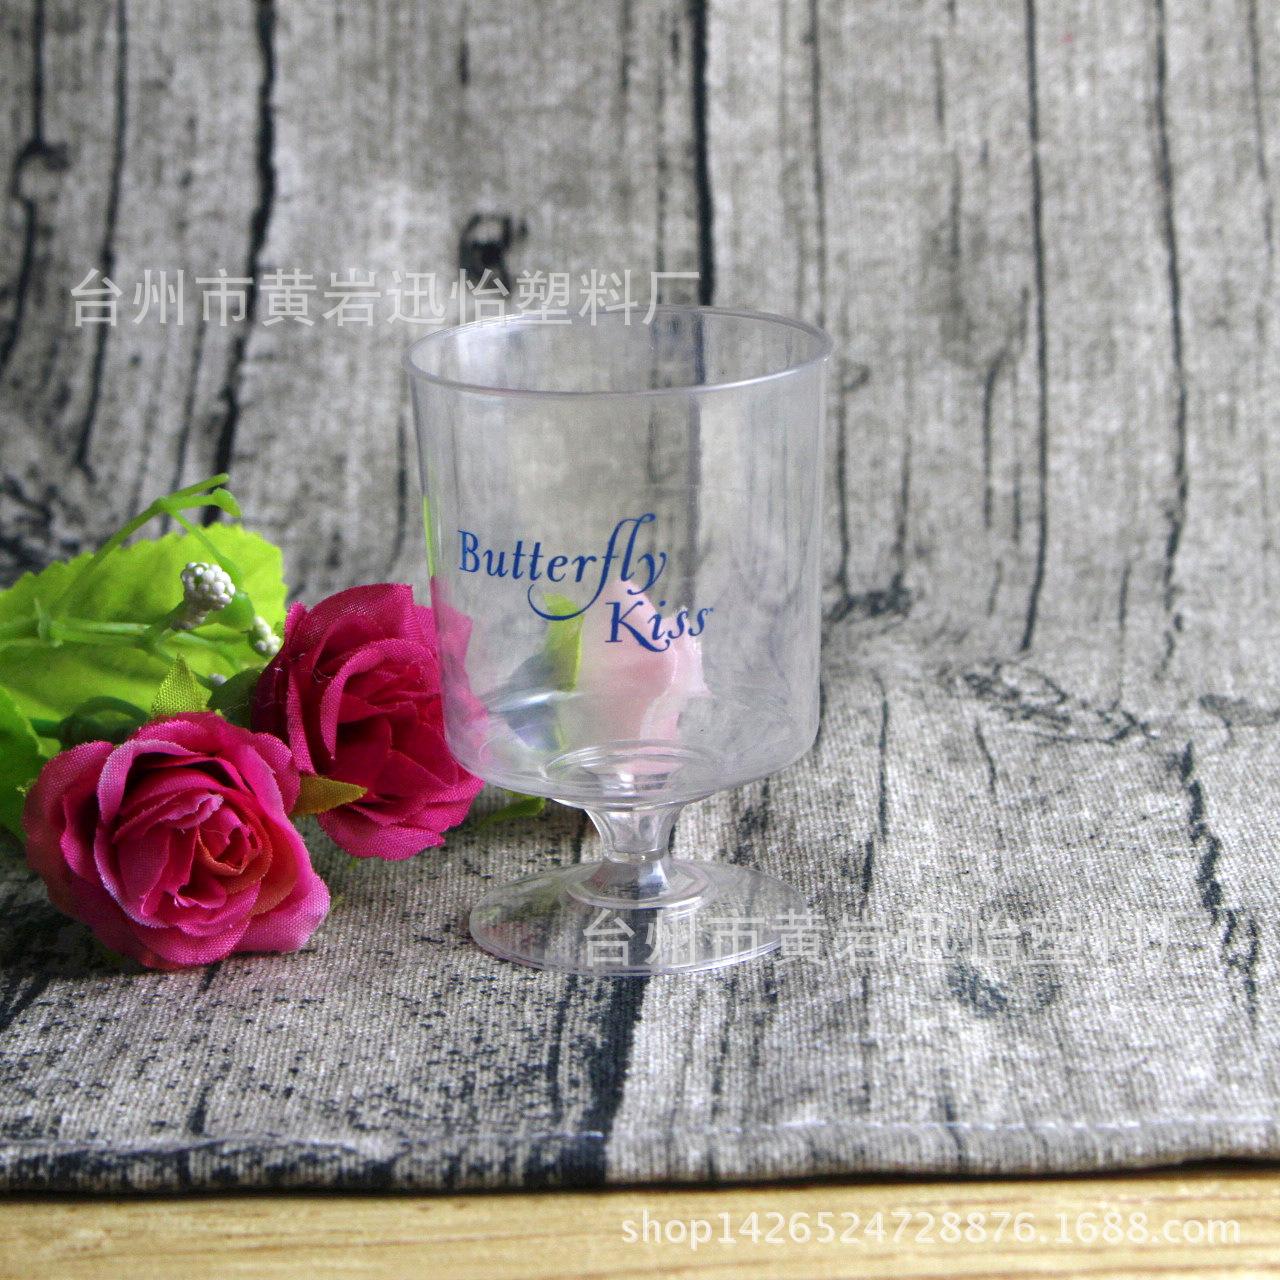 2oz 60ml塑料小酒杯 高脚一次性红酒杯PS塑料小酒杯 环保创意酒杯